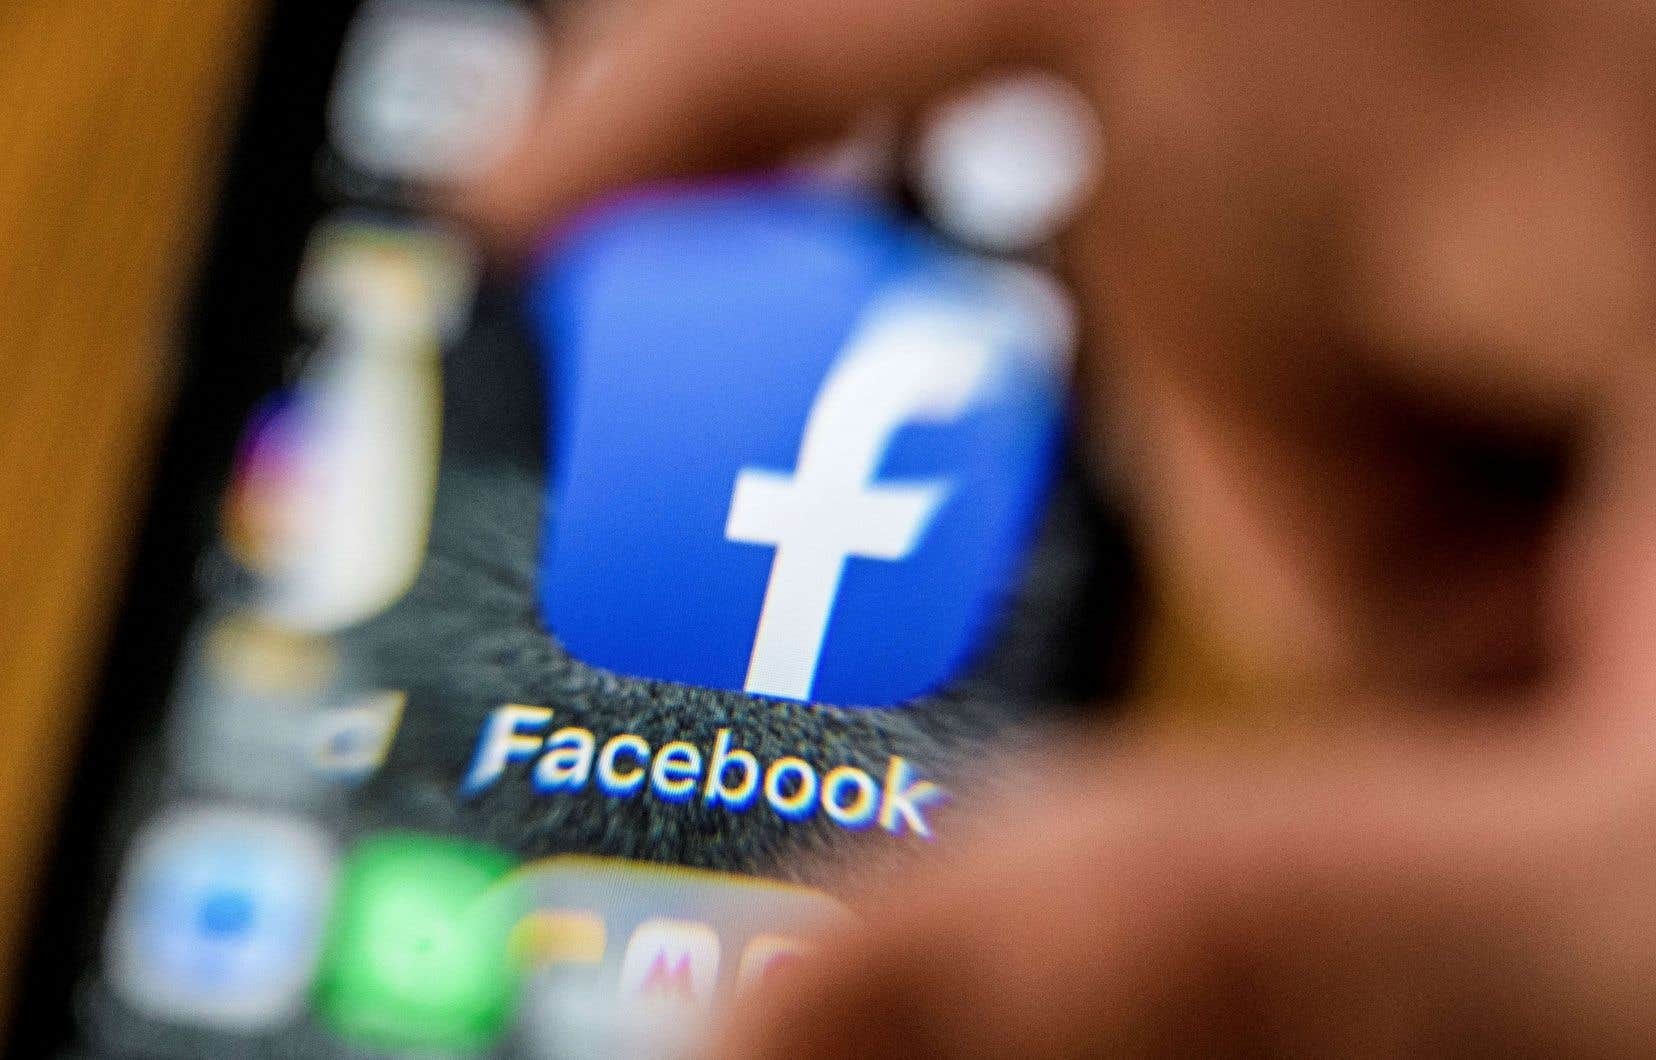 Malgré les excuses formulées le 21 mars, Facebook n'a pas réussi à faire retomber la polémique sur la protection défaillante des données personnelles.